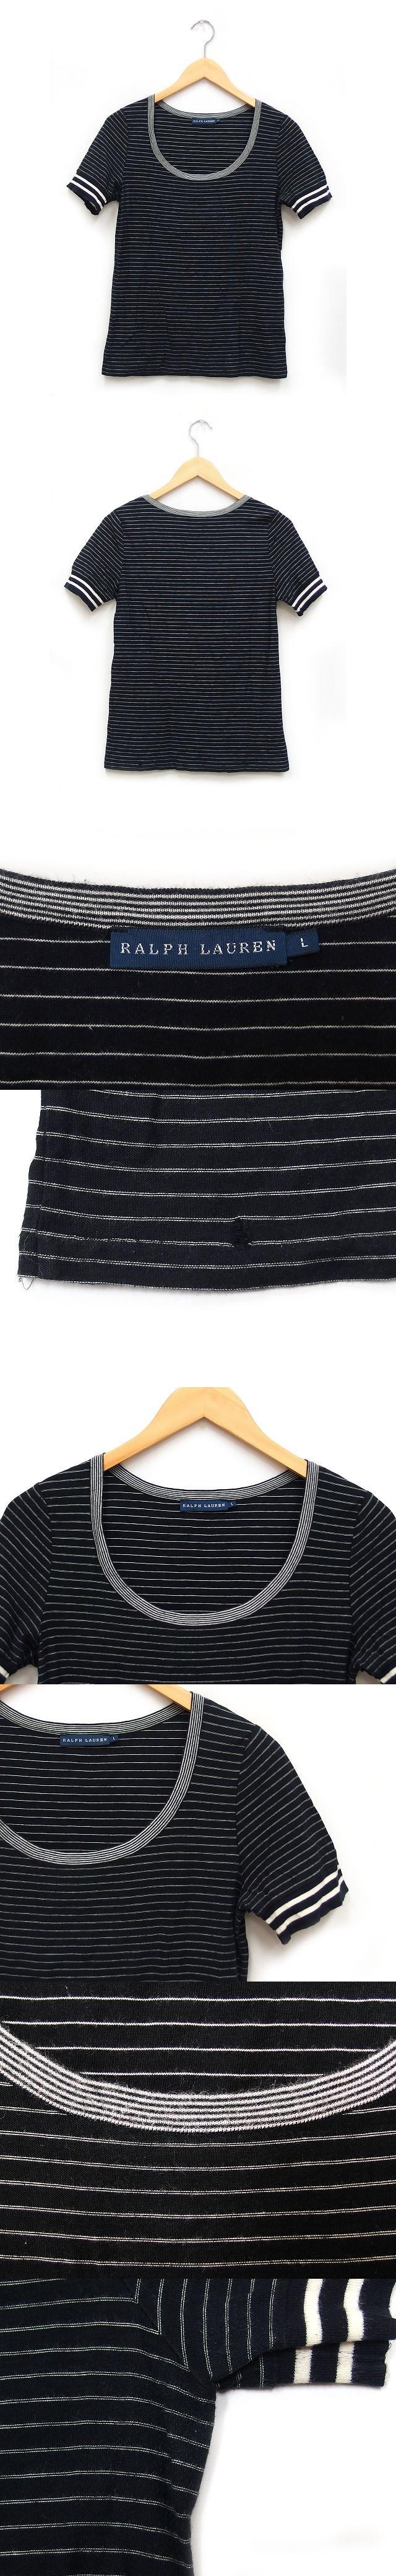 国内正規 Tシャツ カットソー 半袖 丸首 ラウンドネック ボーダー リブ袖 コットン 綿 L ブラック 黒 /K